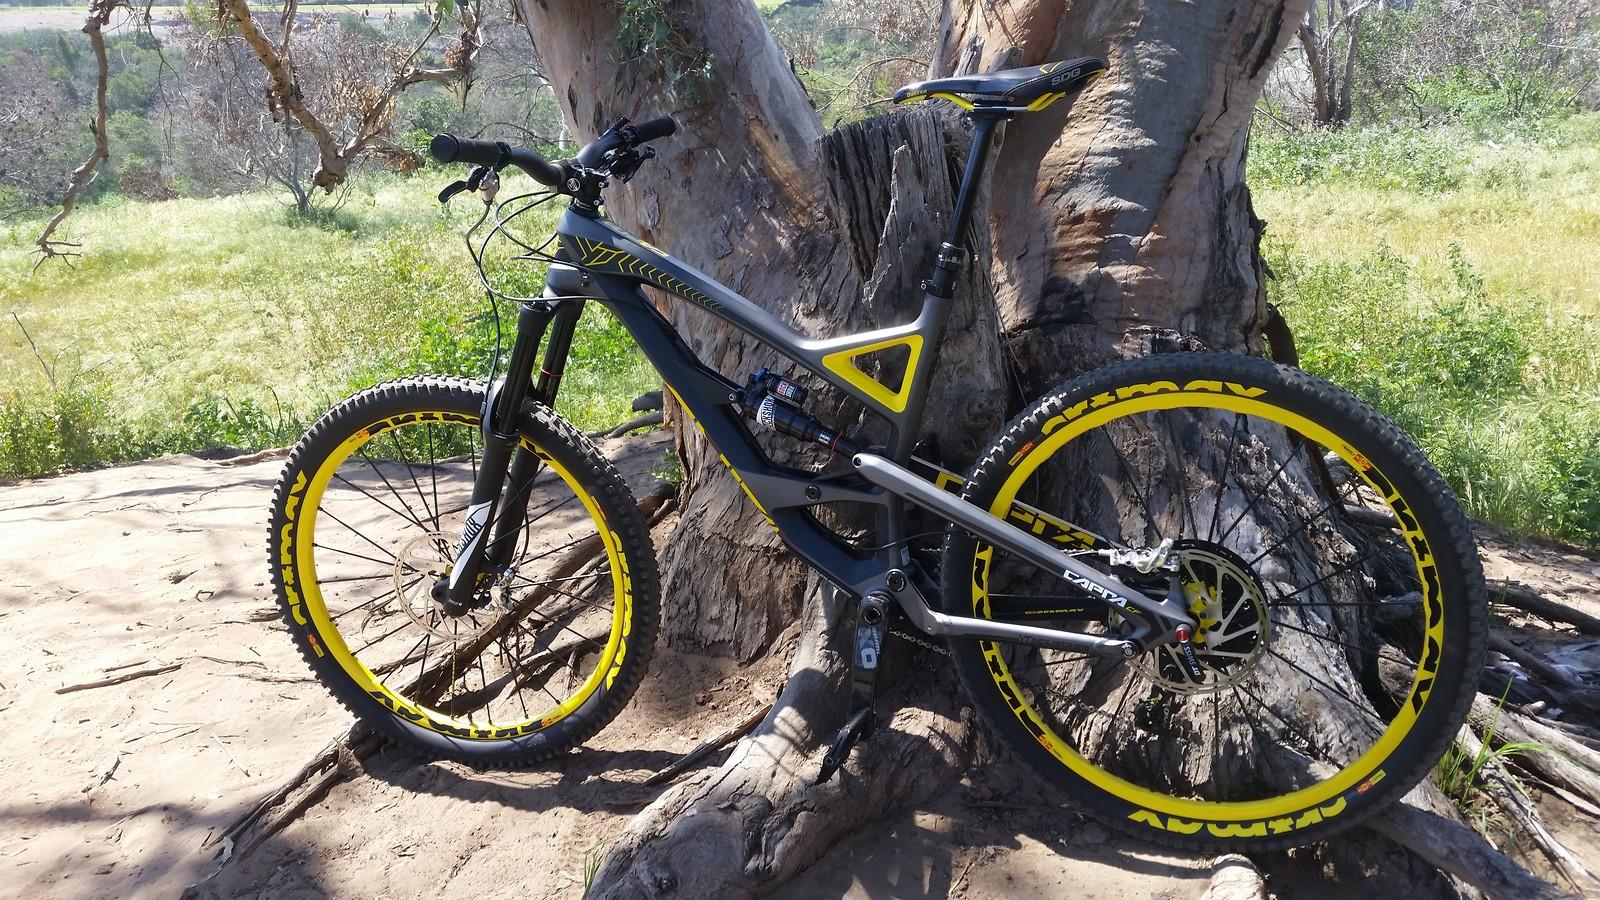 Quick ride in Palos Verdes..